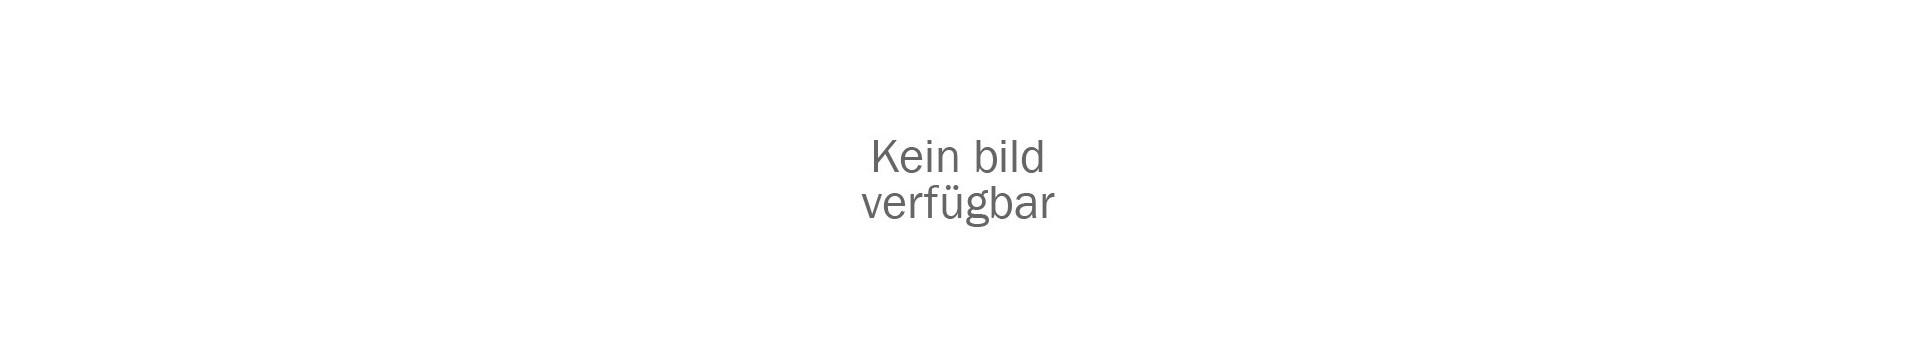 Vinyl Schallplatten. 1950 - 1970